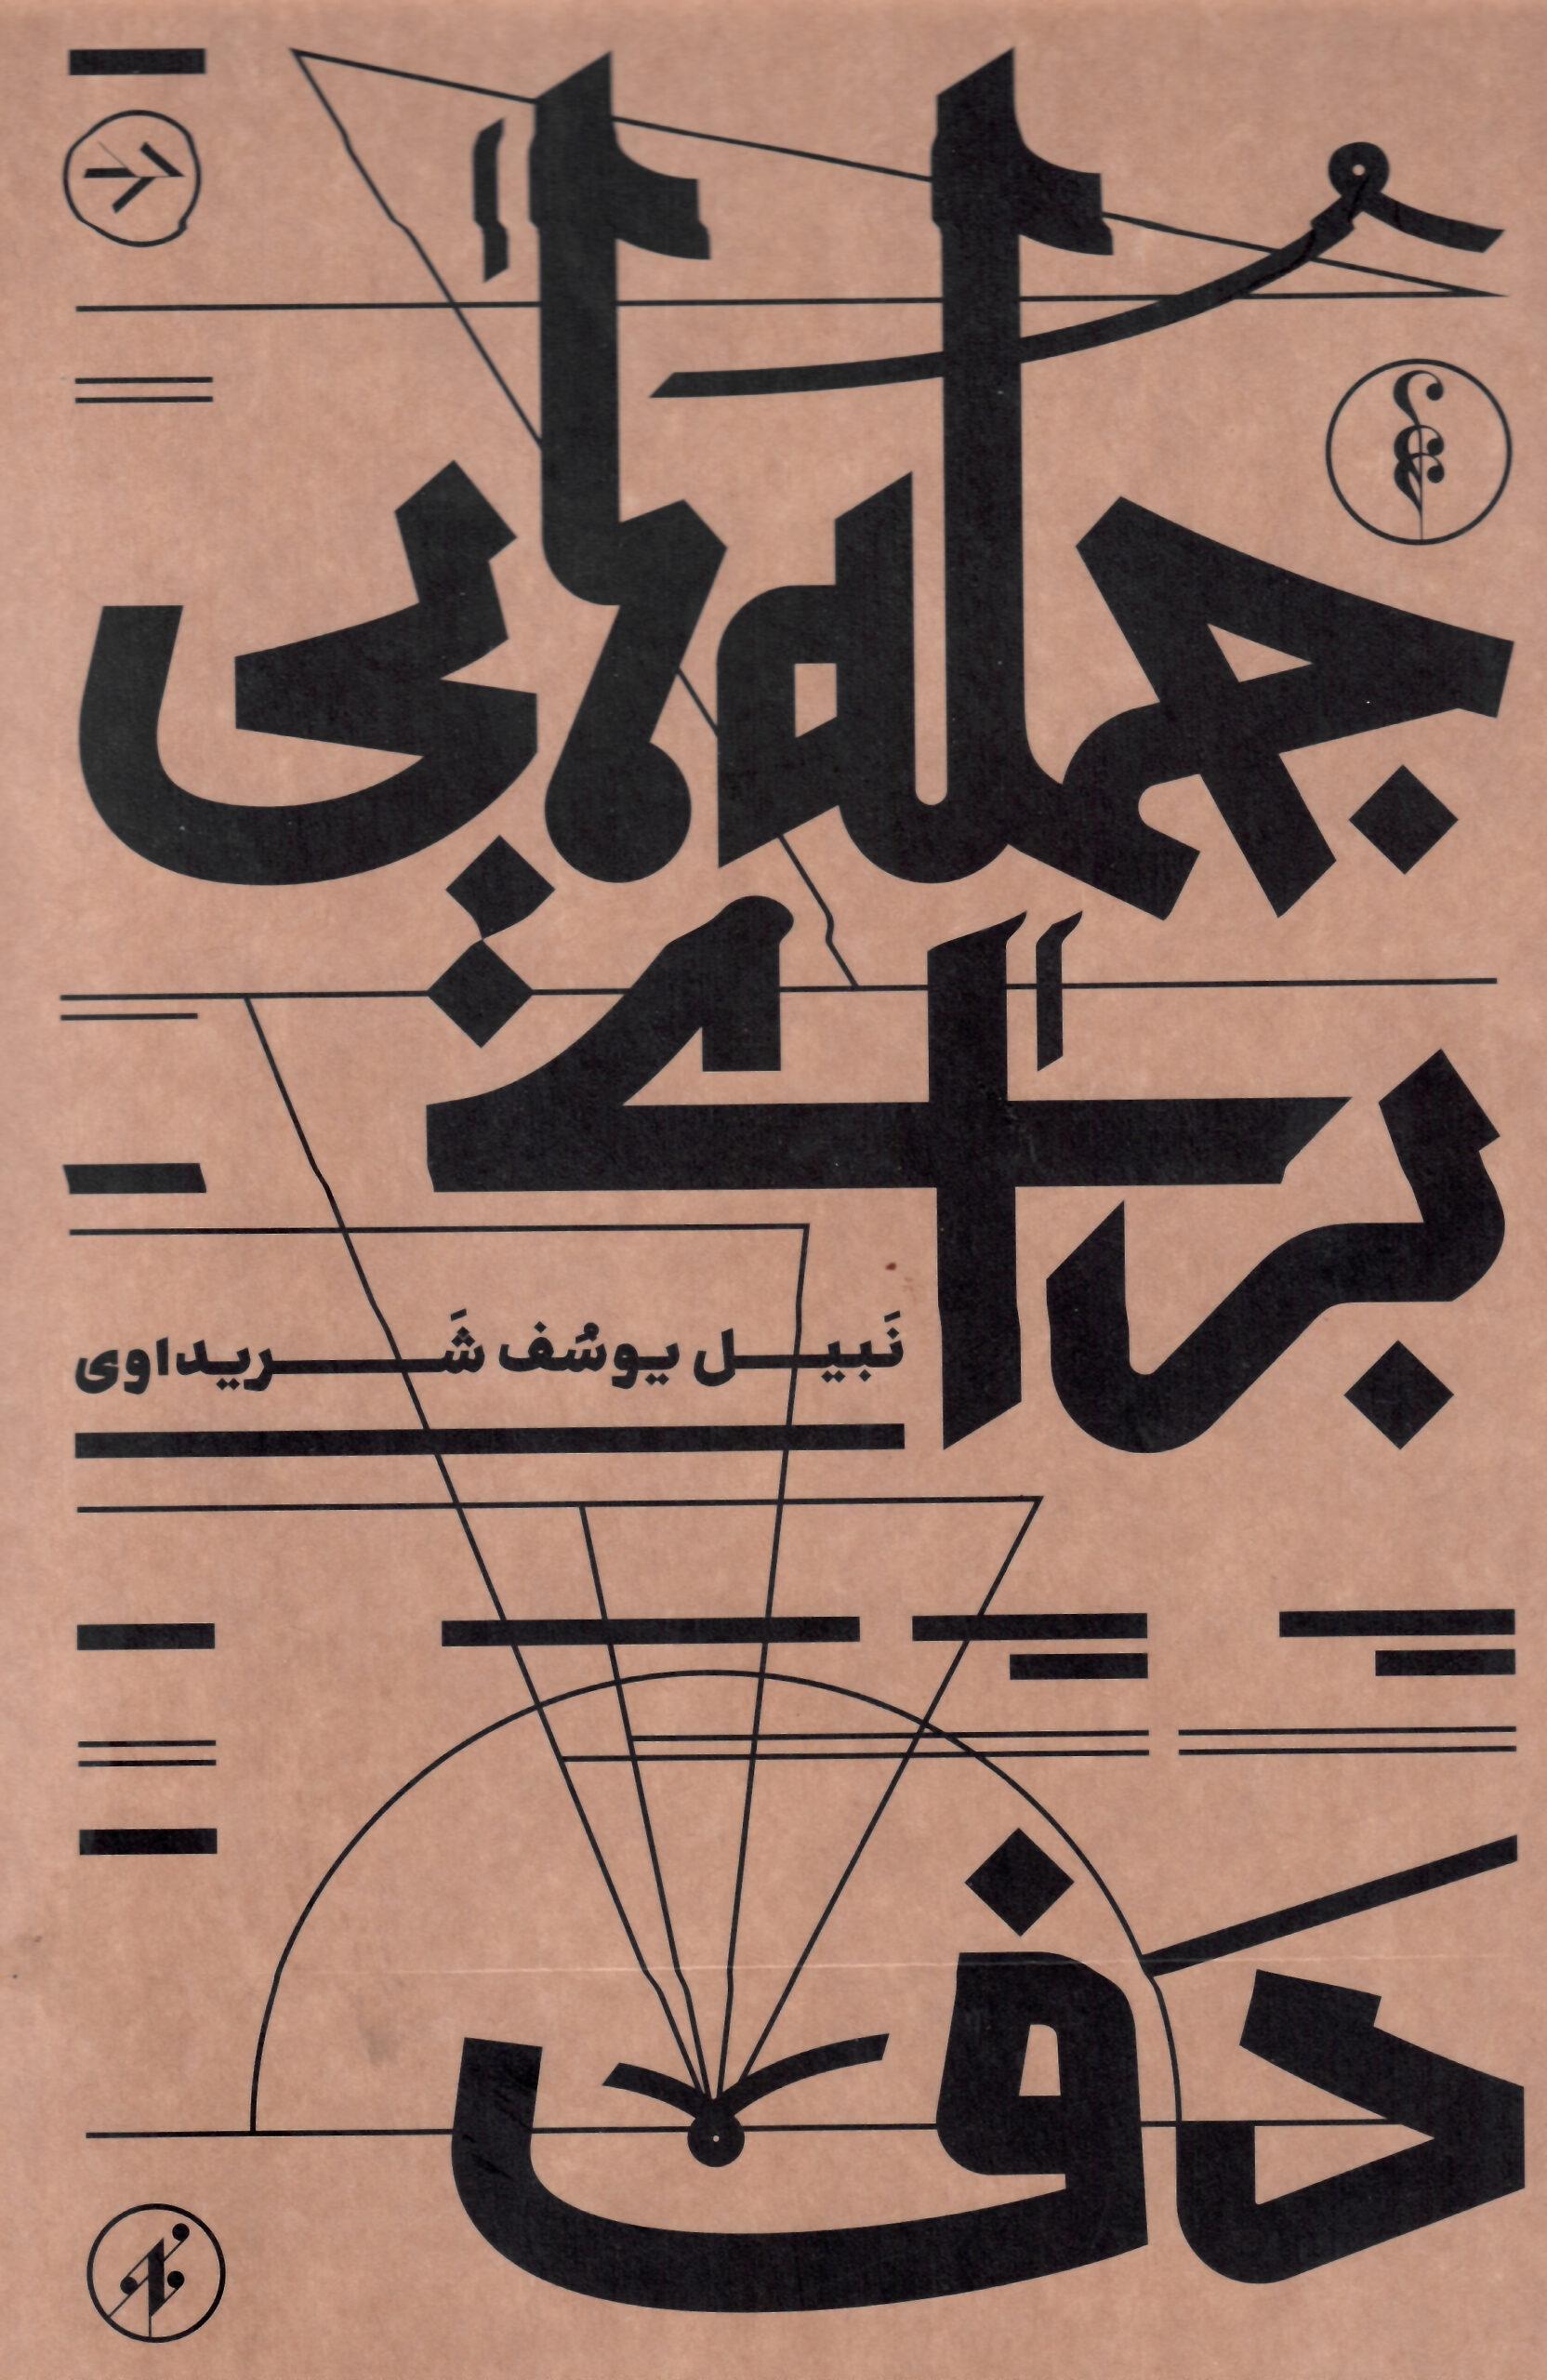 جملههایی برای دف نبیل یوسف شریداوی